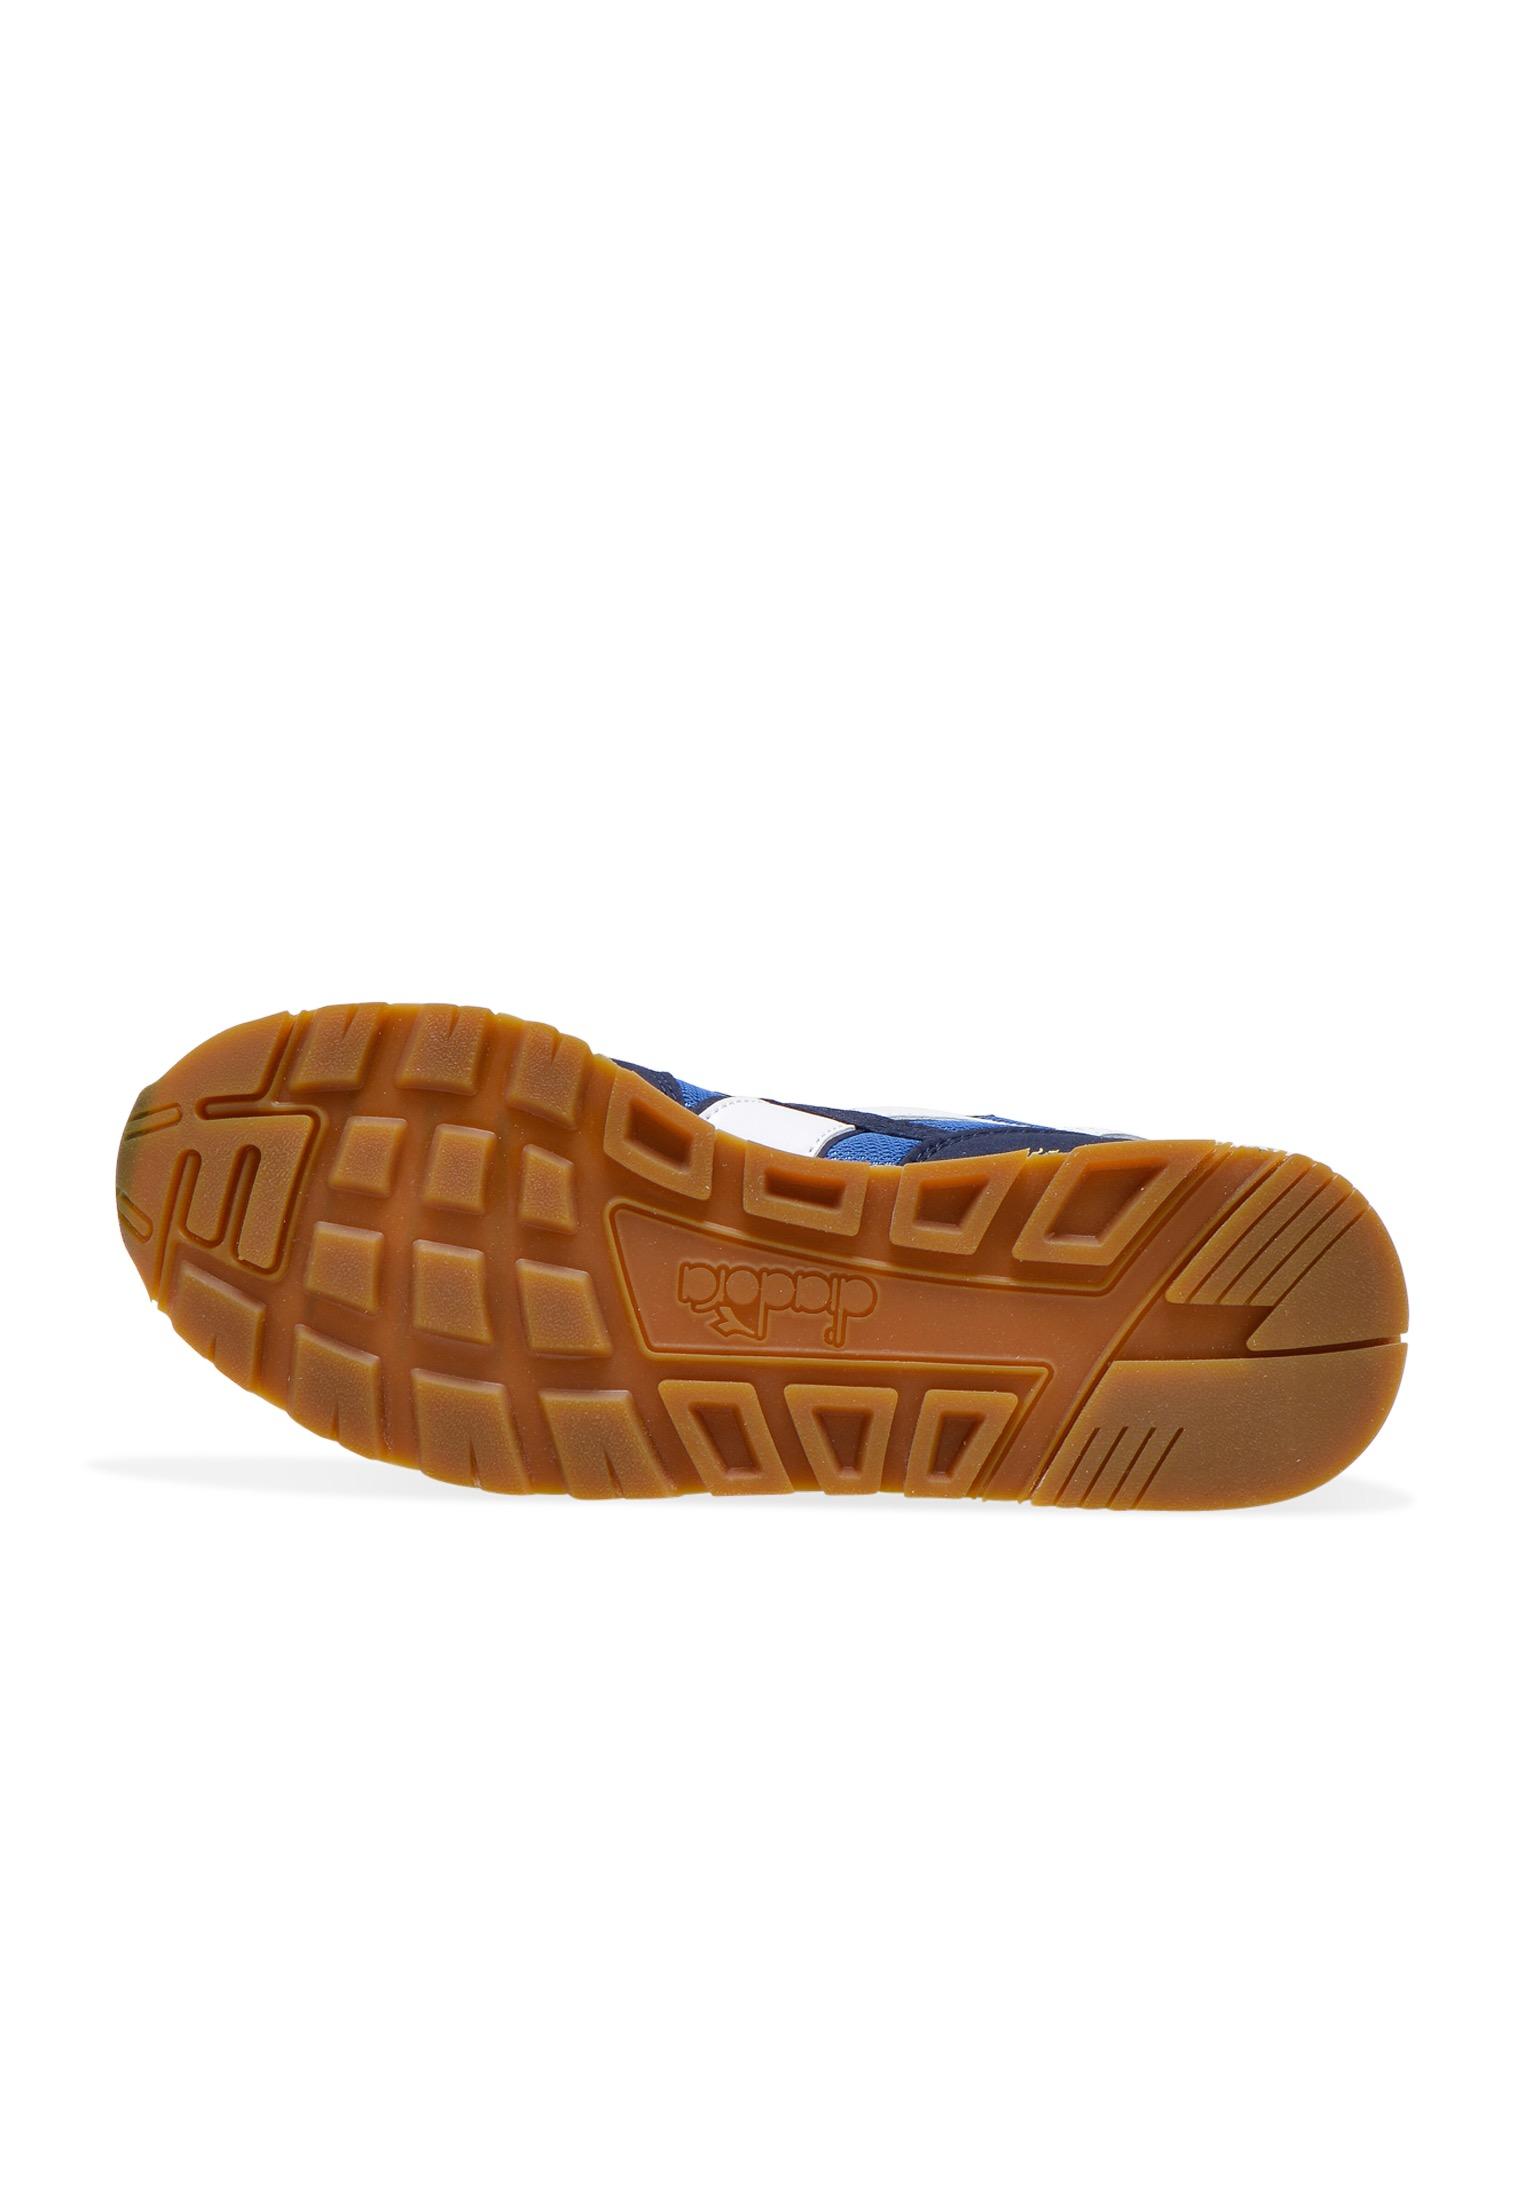 miniatura 28 - Diadora - Sneakers N.92 per uomo e donna